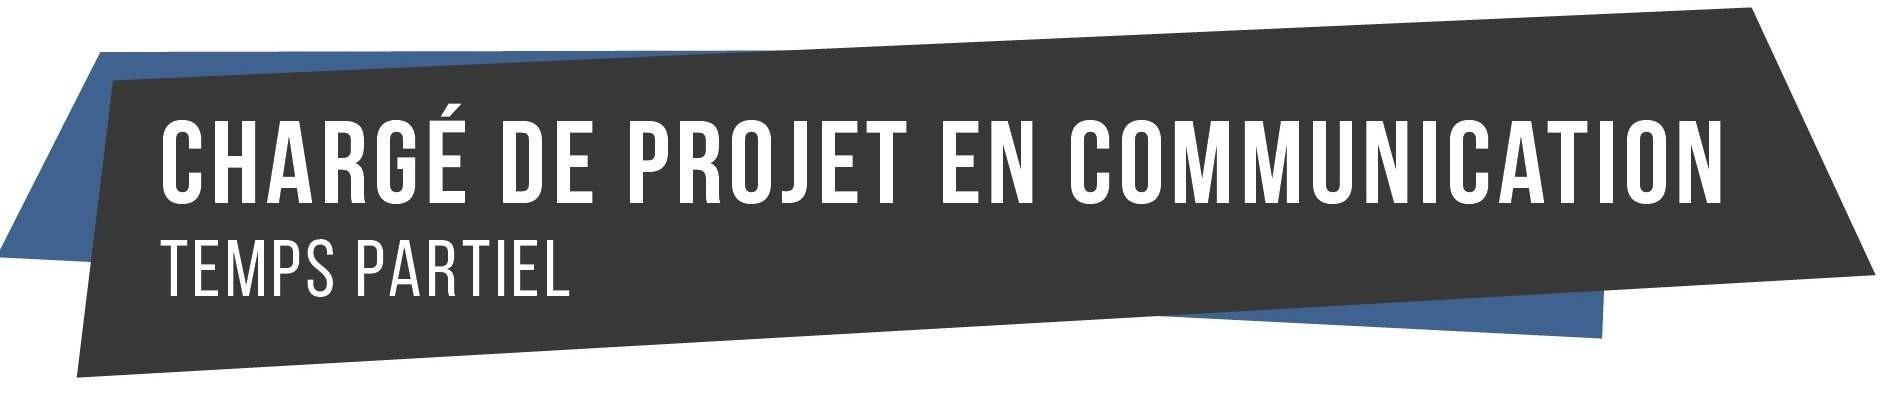 Poste de chargé de projet en communication